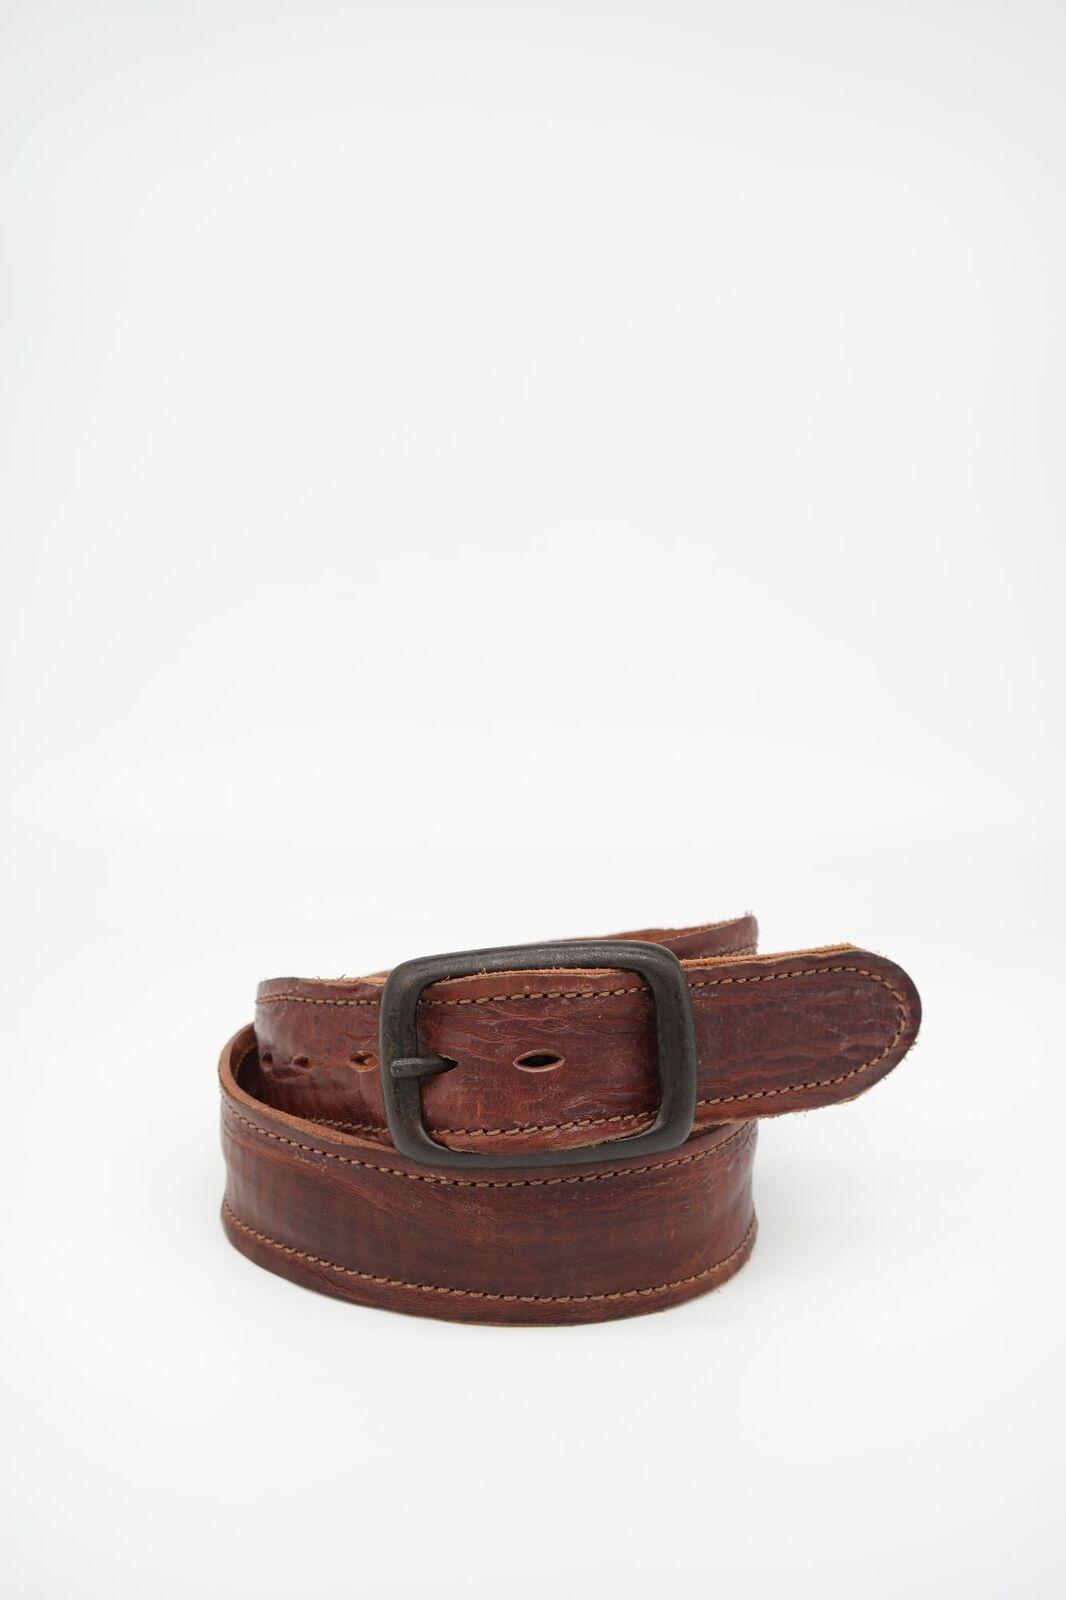 Bogner Jeans Ledergürtel Lyonel, Size: 90 cm / Leder / Braun